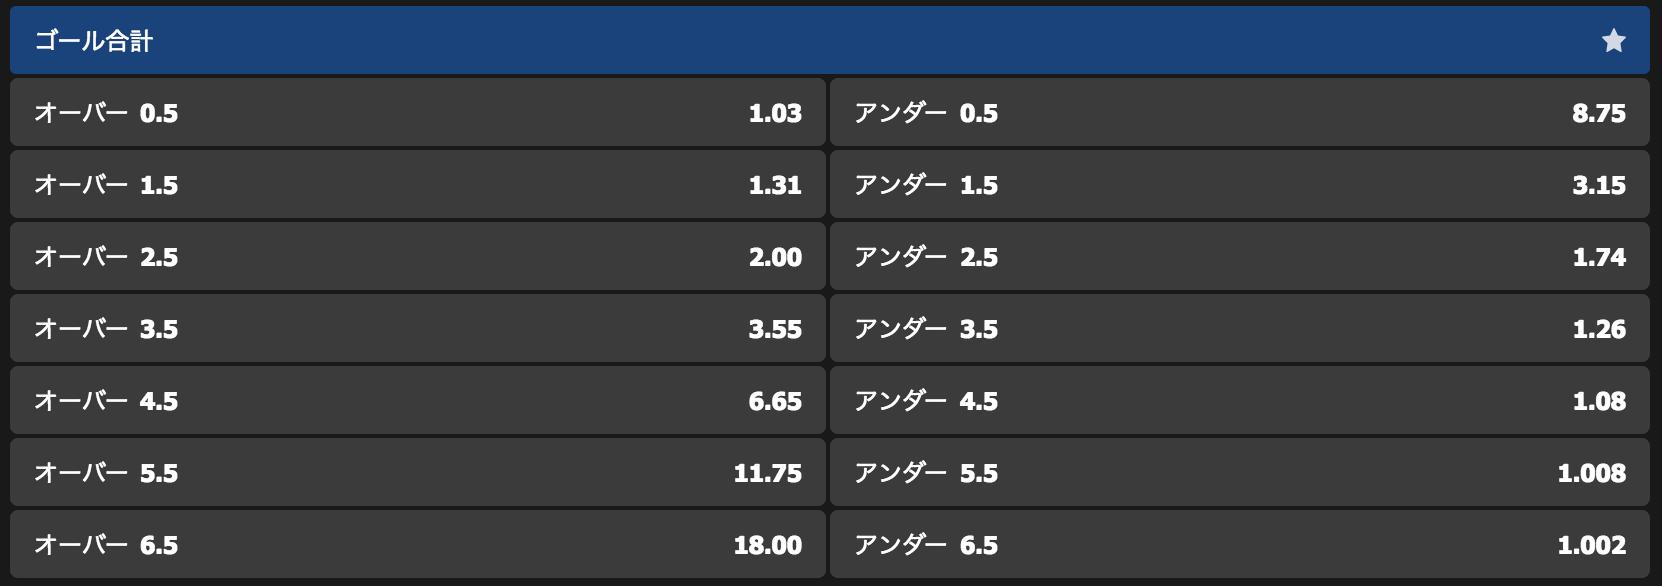 ブックメーカーによるキリンカップ2019の日本vsコロンビアのオーバーアンダー予想オッズ